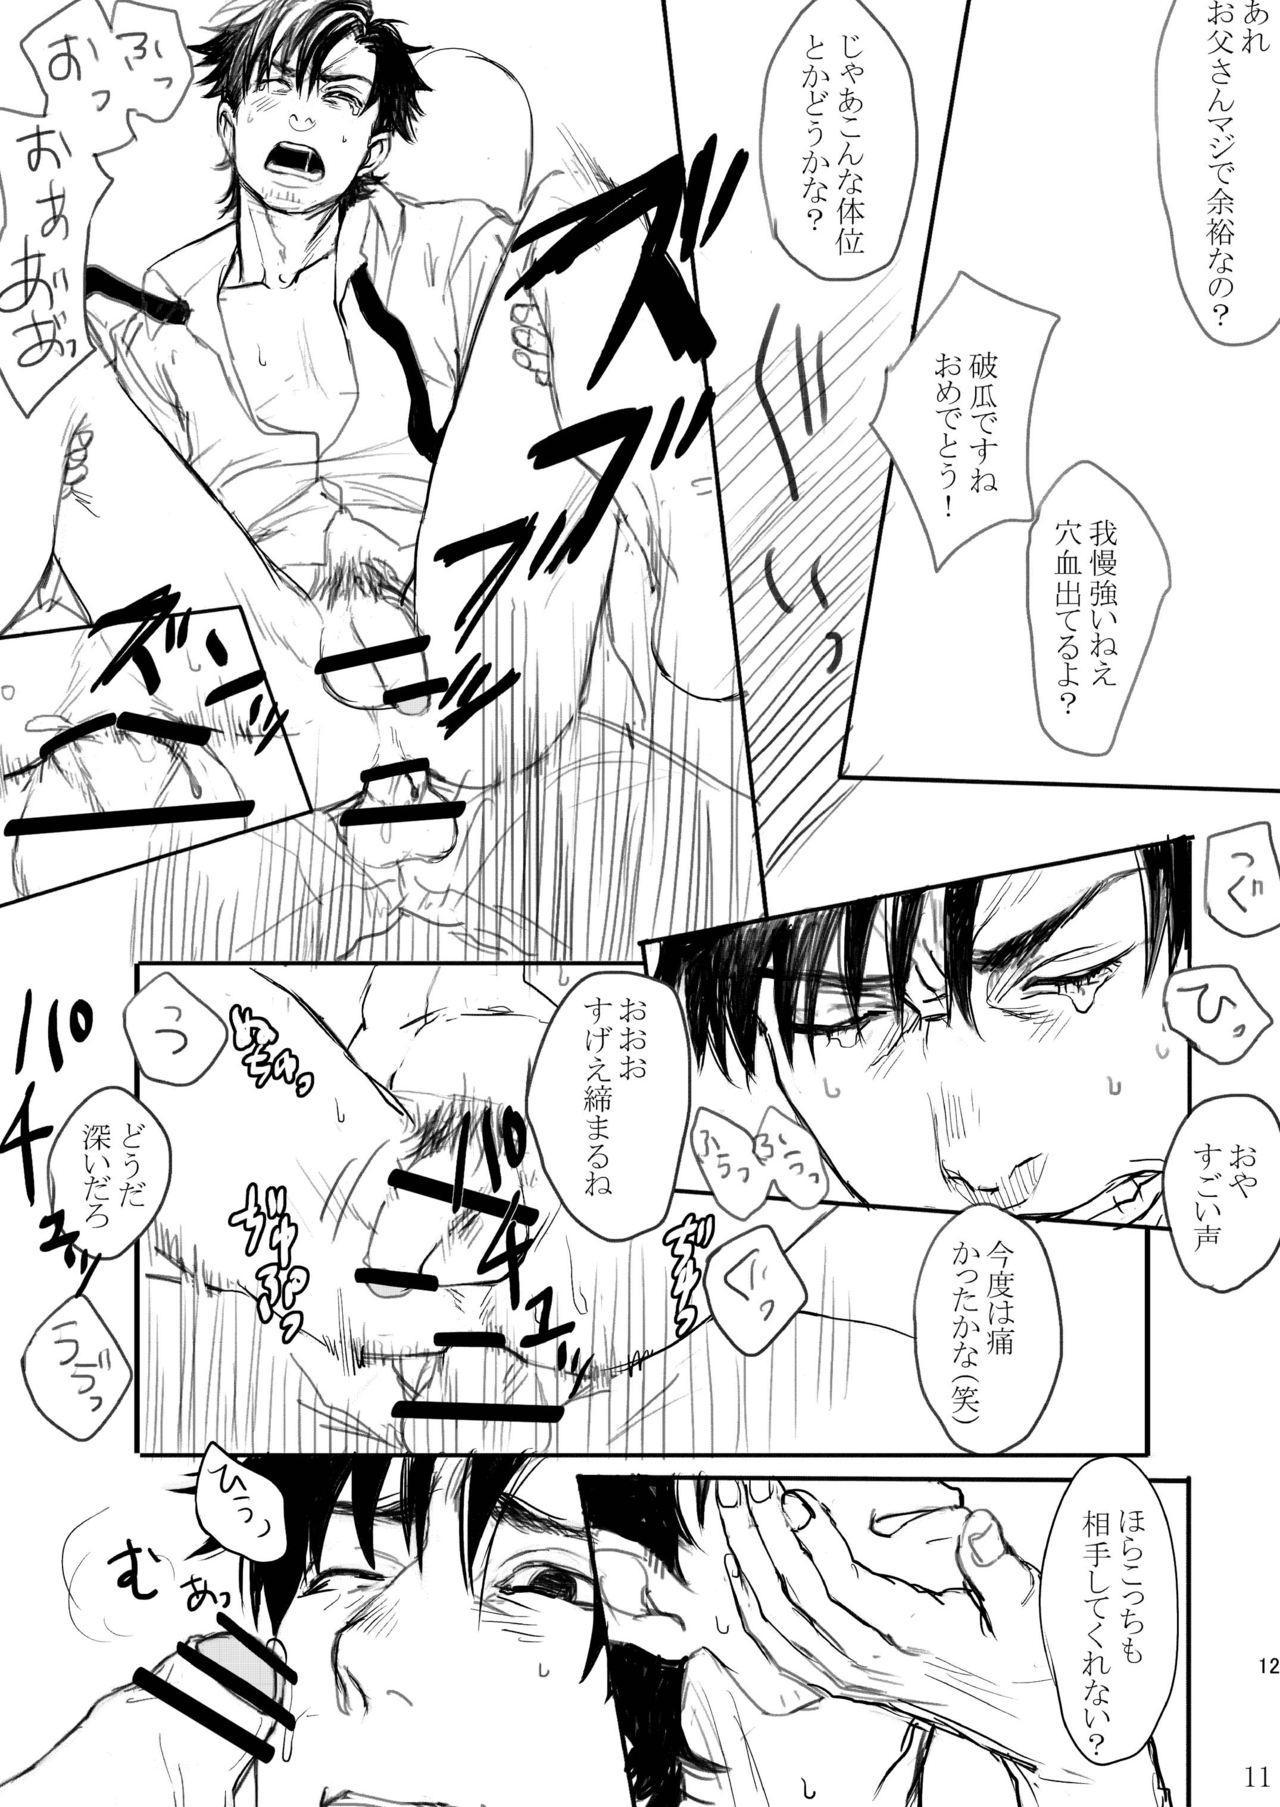 Papa Daisuki! 12